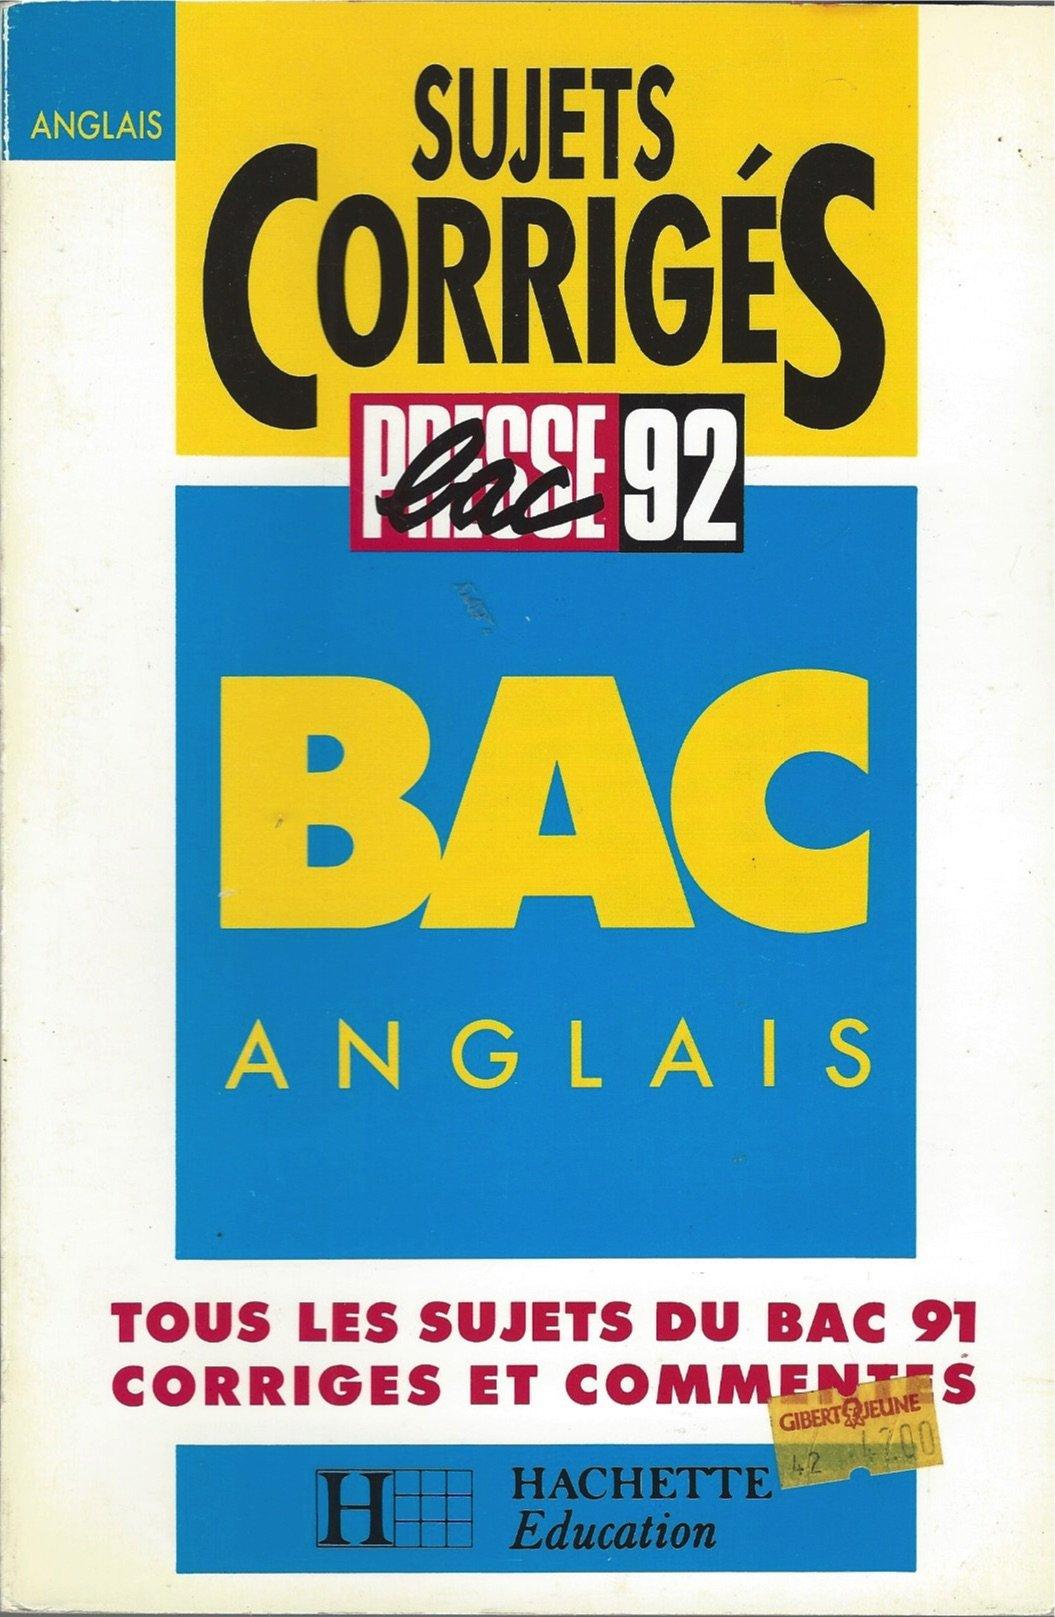 Sujet Corrigés Presse bac 92 Anglais - Tous les sujets du bac 91 corrigés et commentés Paperback – 1991